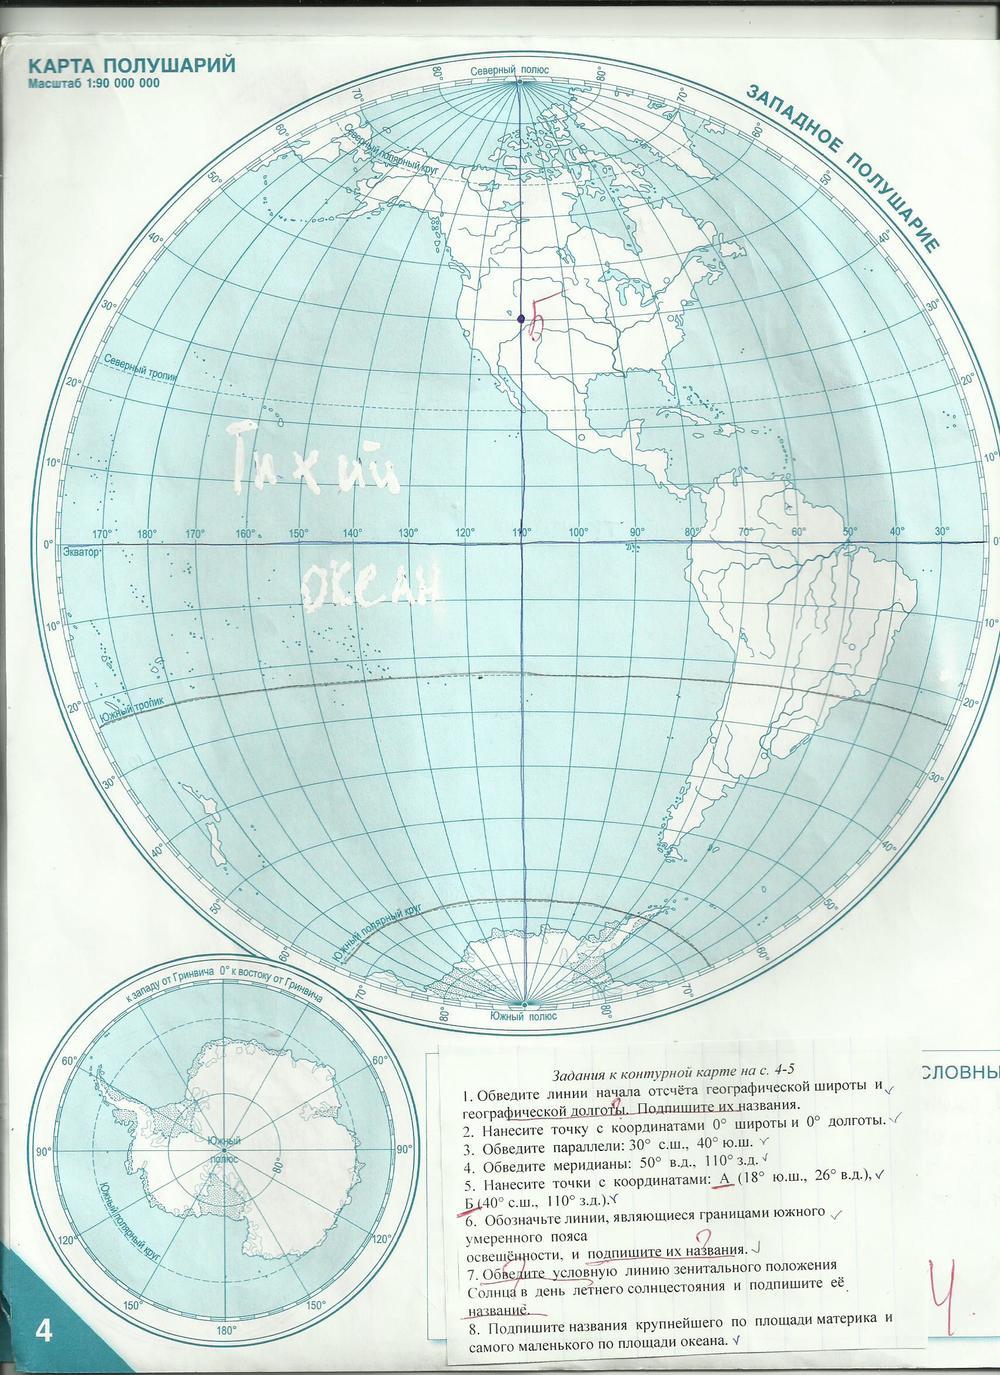 решебник по контурным картам 6 класс география i